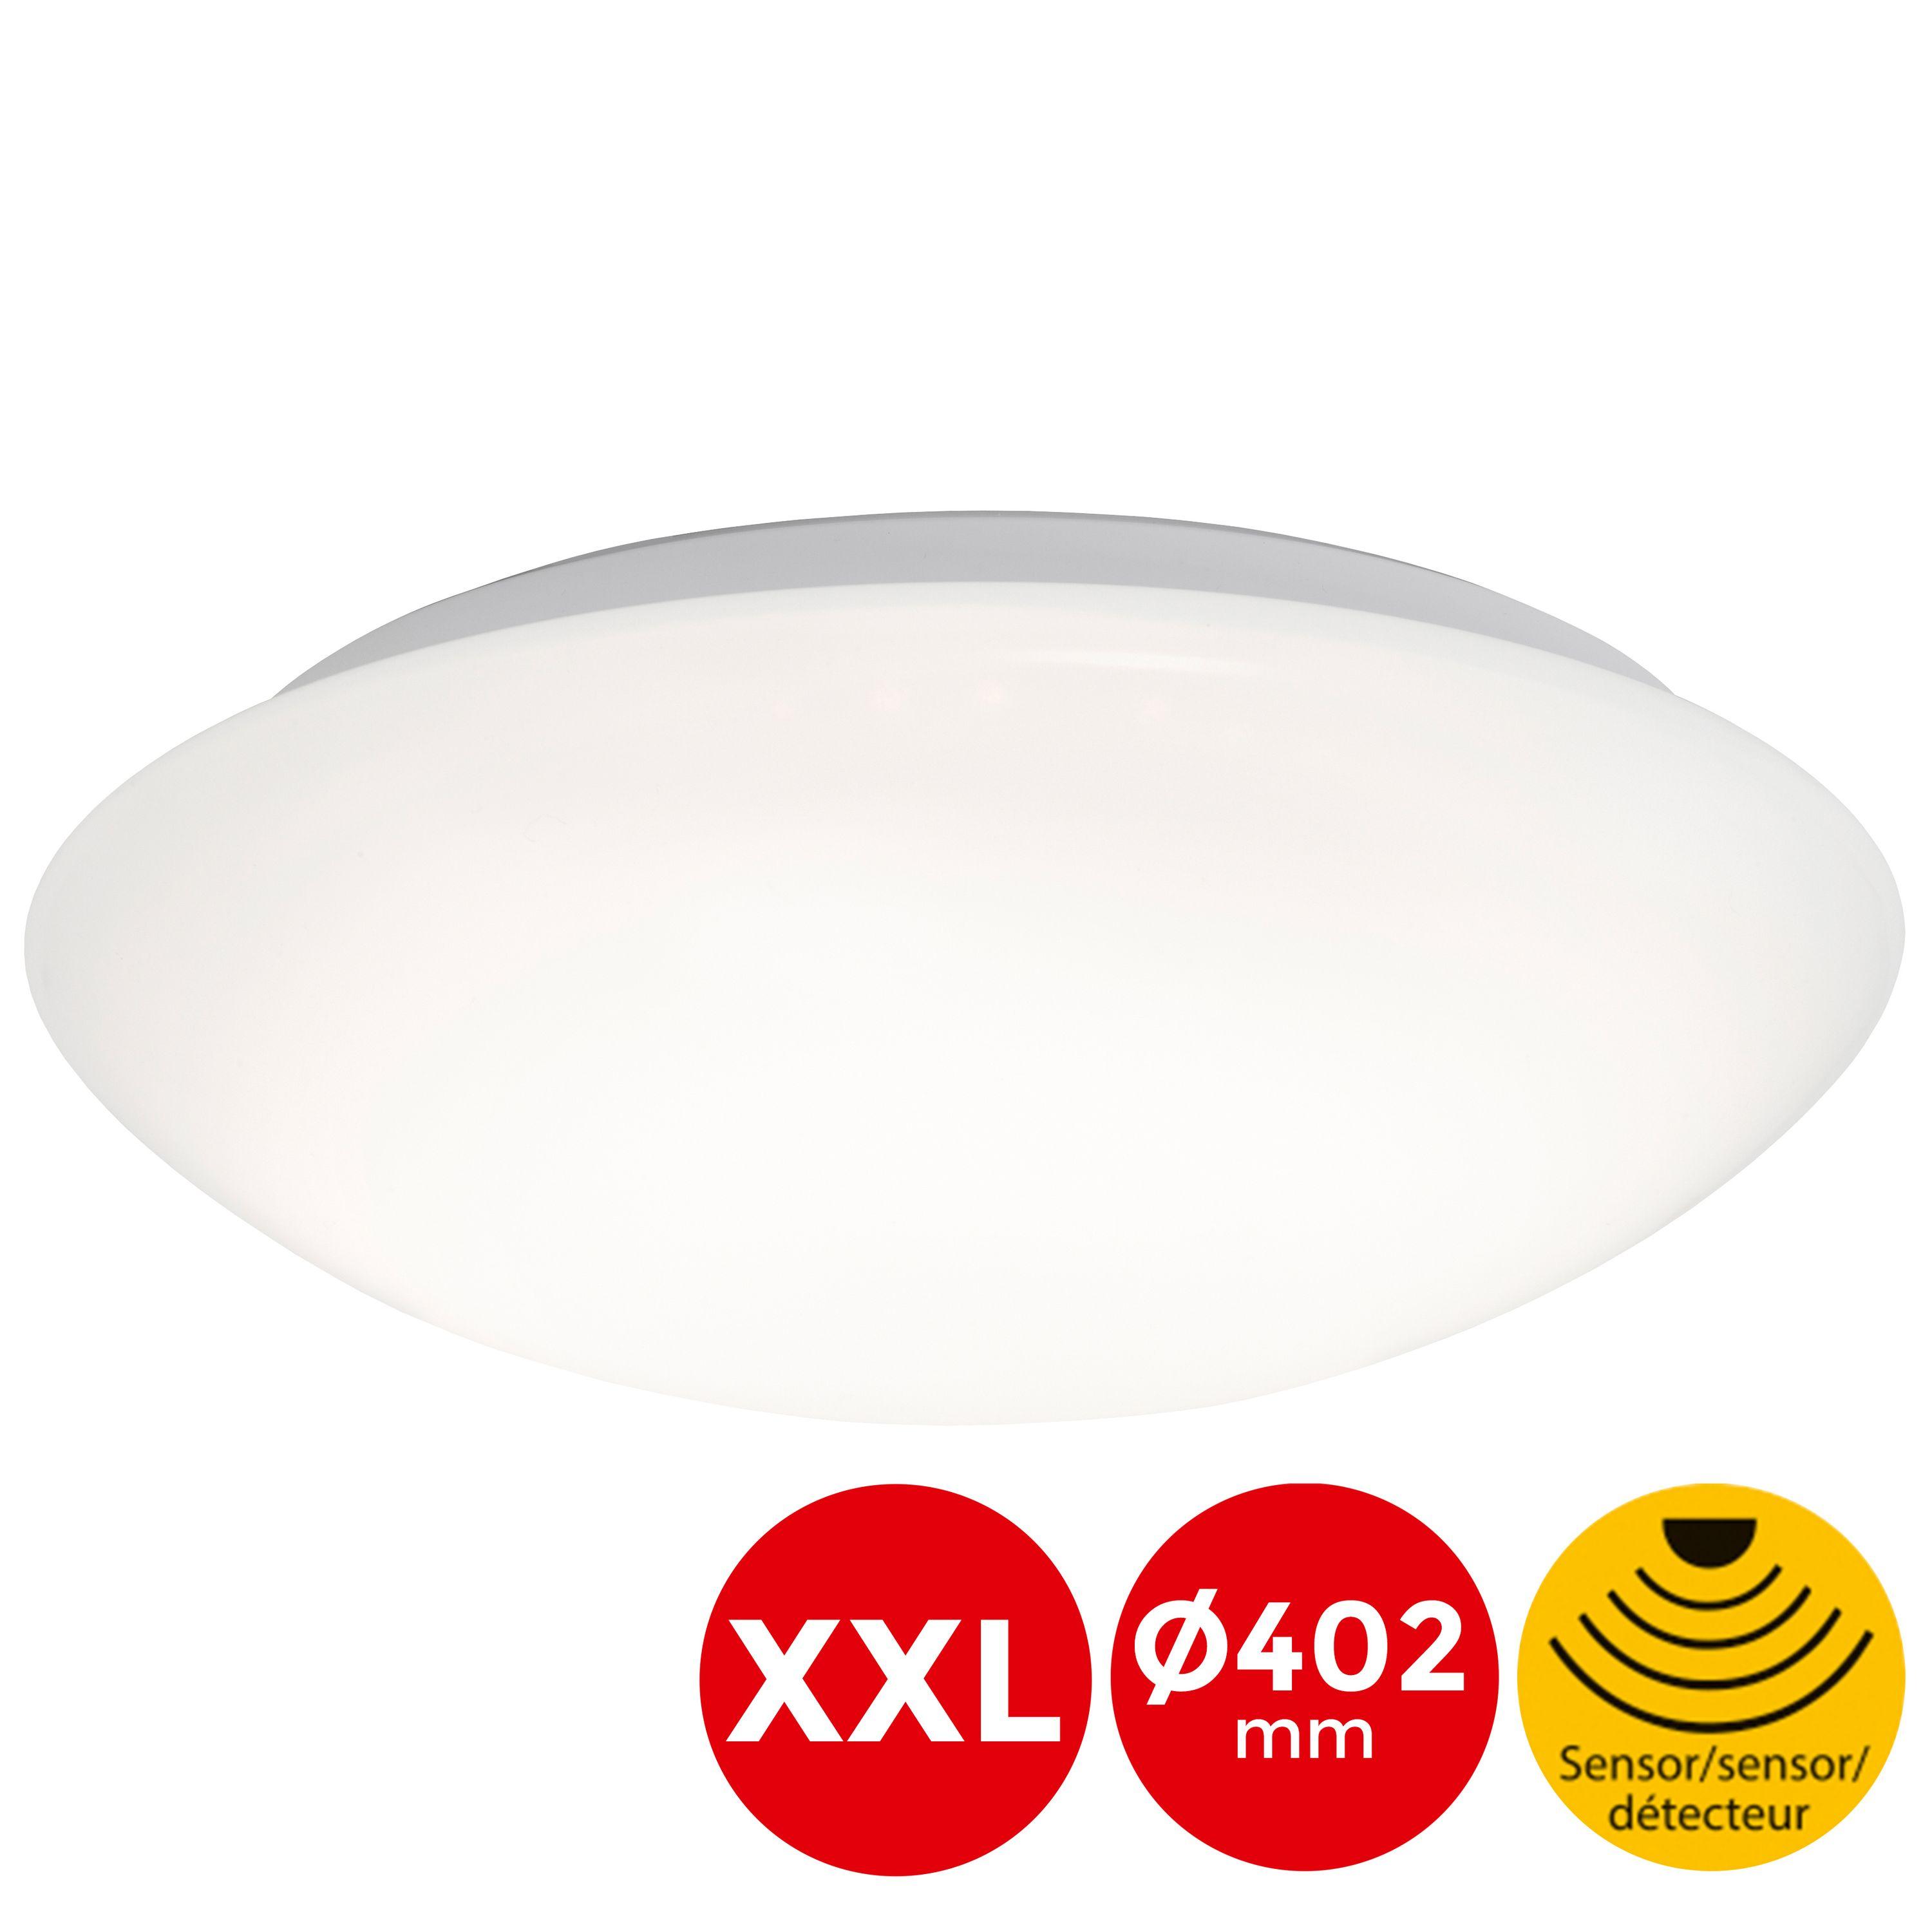 SENSOR LED Deckenleuchte, Ø 27,8 cm, 15 W, Weiß